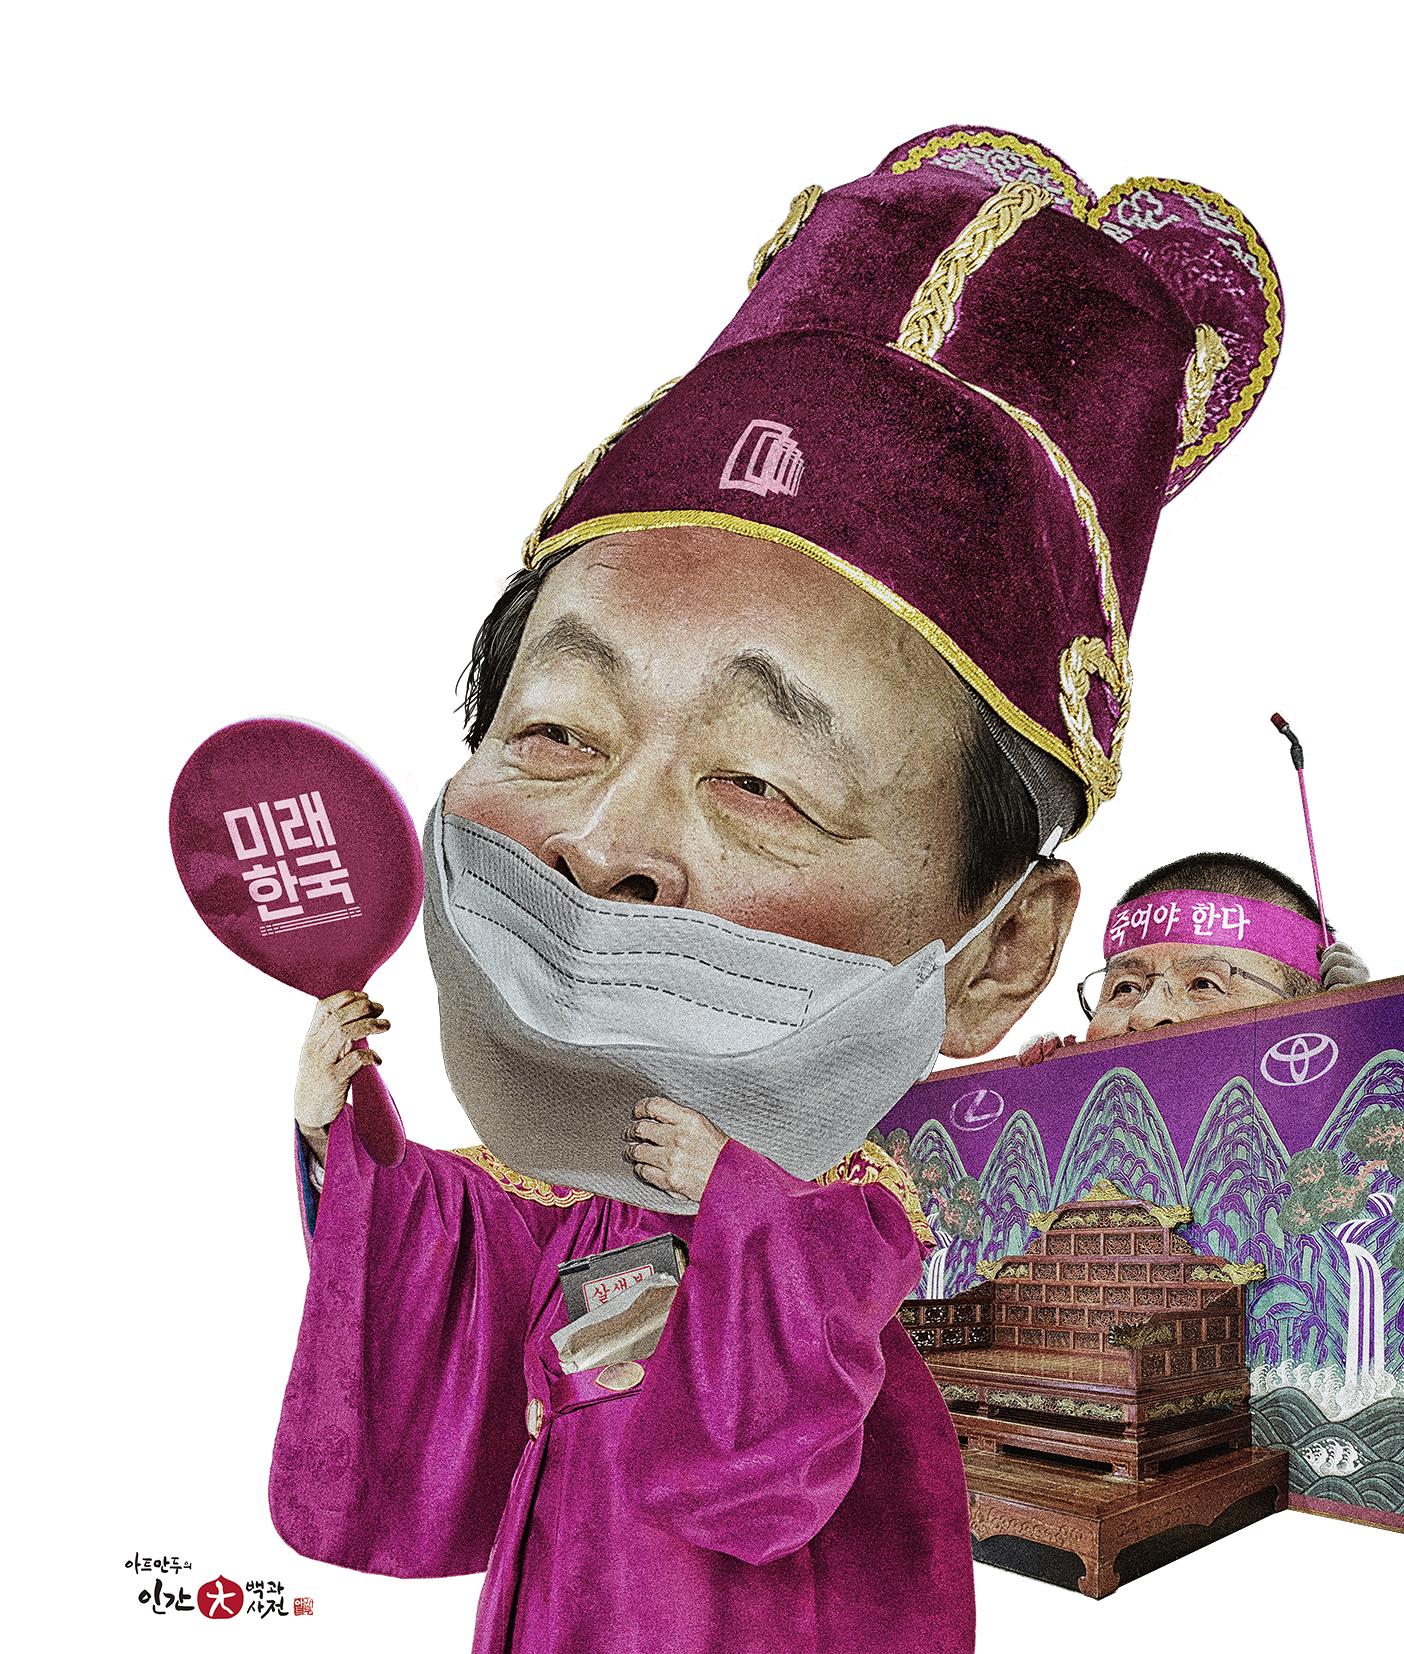 [시사캐리커쳐] 아트만두의 인간대백과사전 – 백설왕자